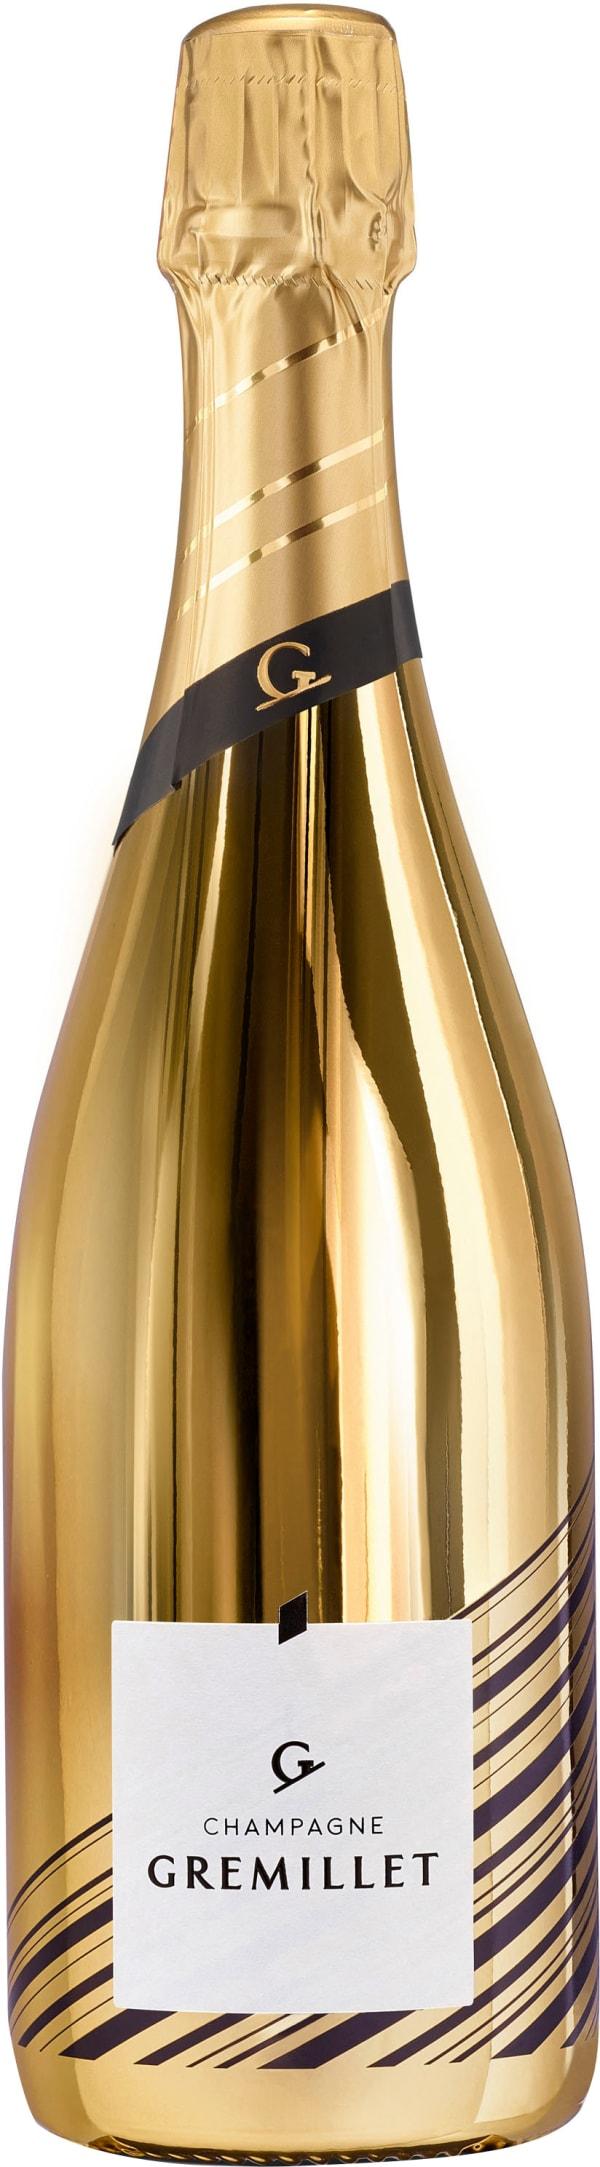 Gremillet Blanc de Noirs Limited Edition Champagne Brut